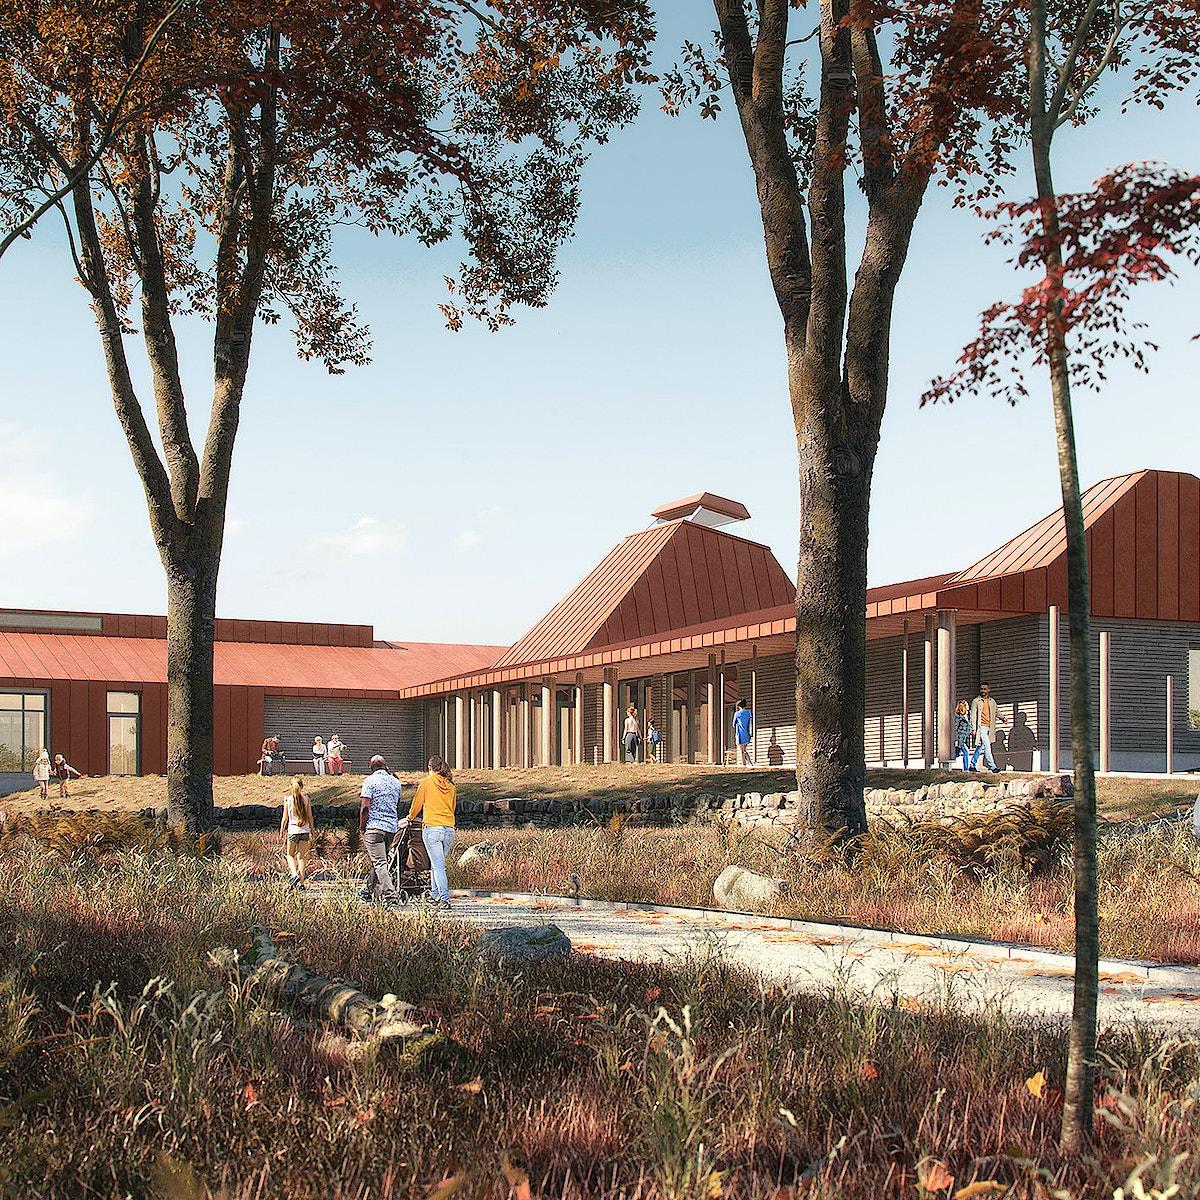 Dundreggan Rewilding Centre approach visualisation